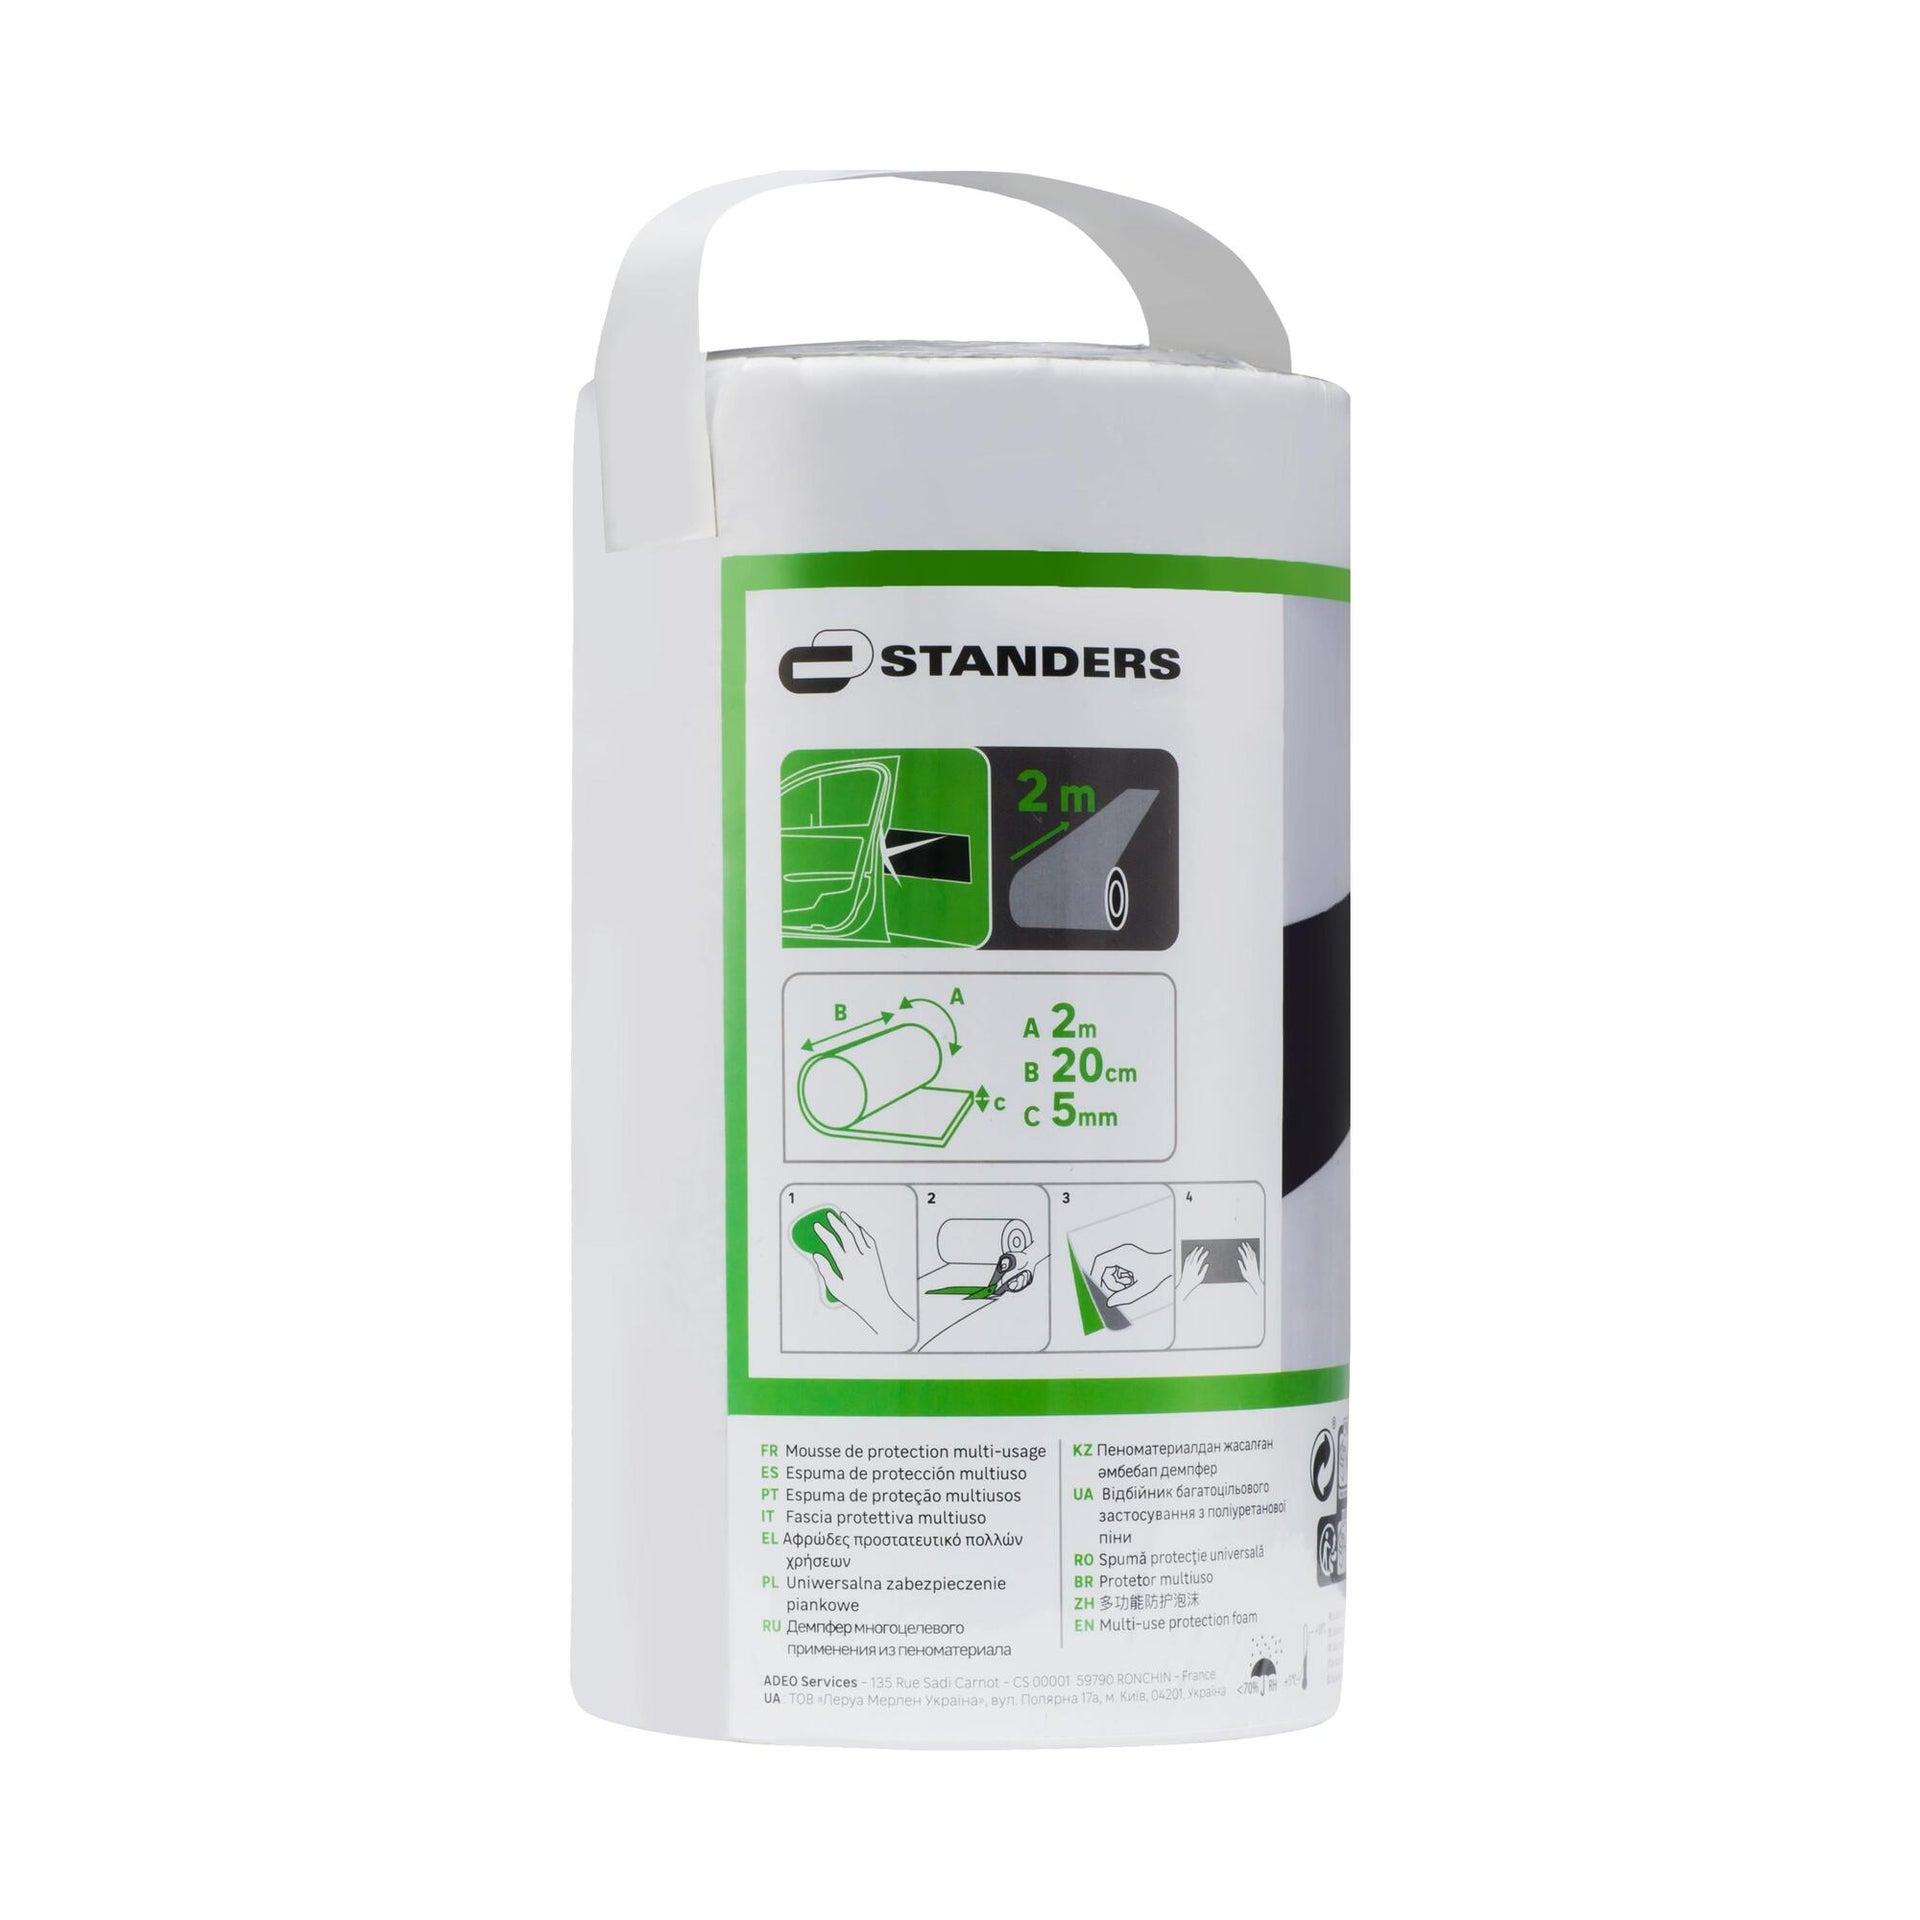 Protezione per garage in polietilene L 200 x H 200 cm nero - 11